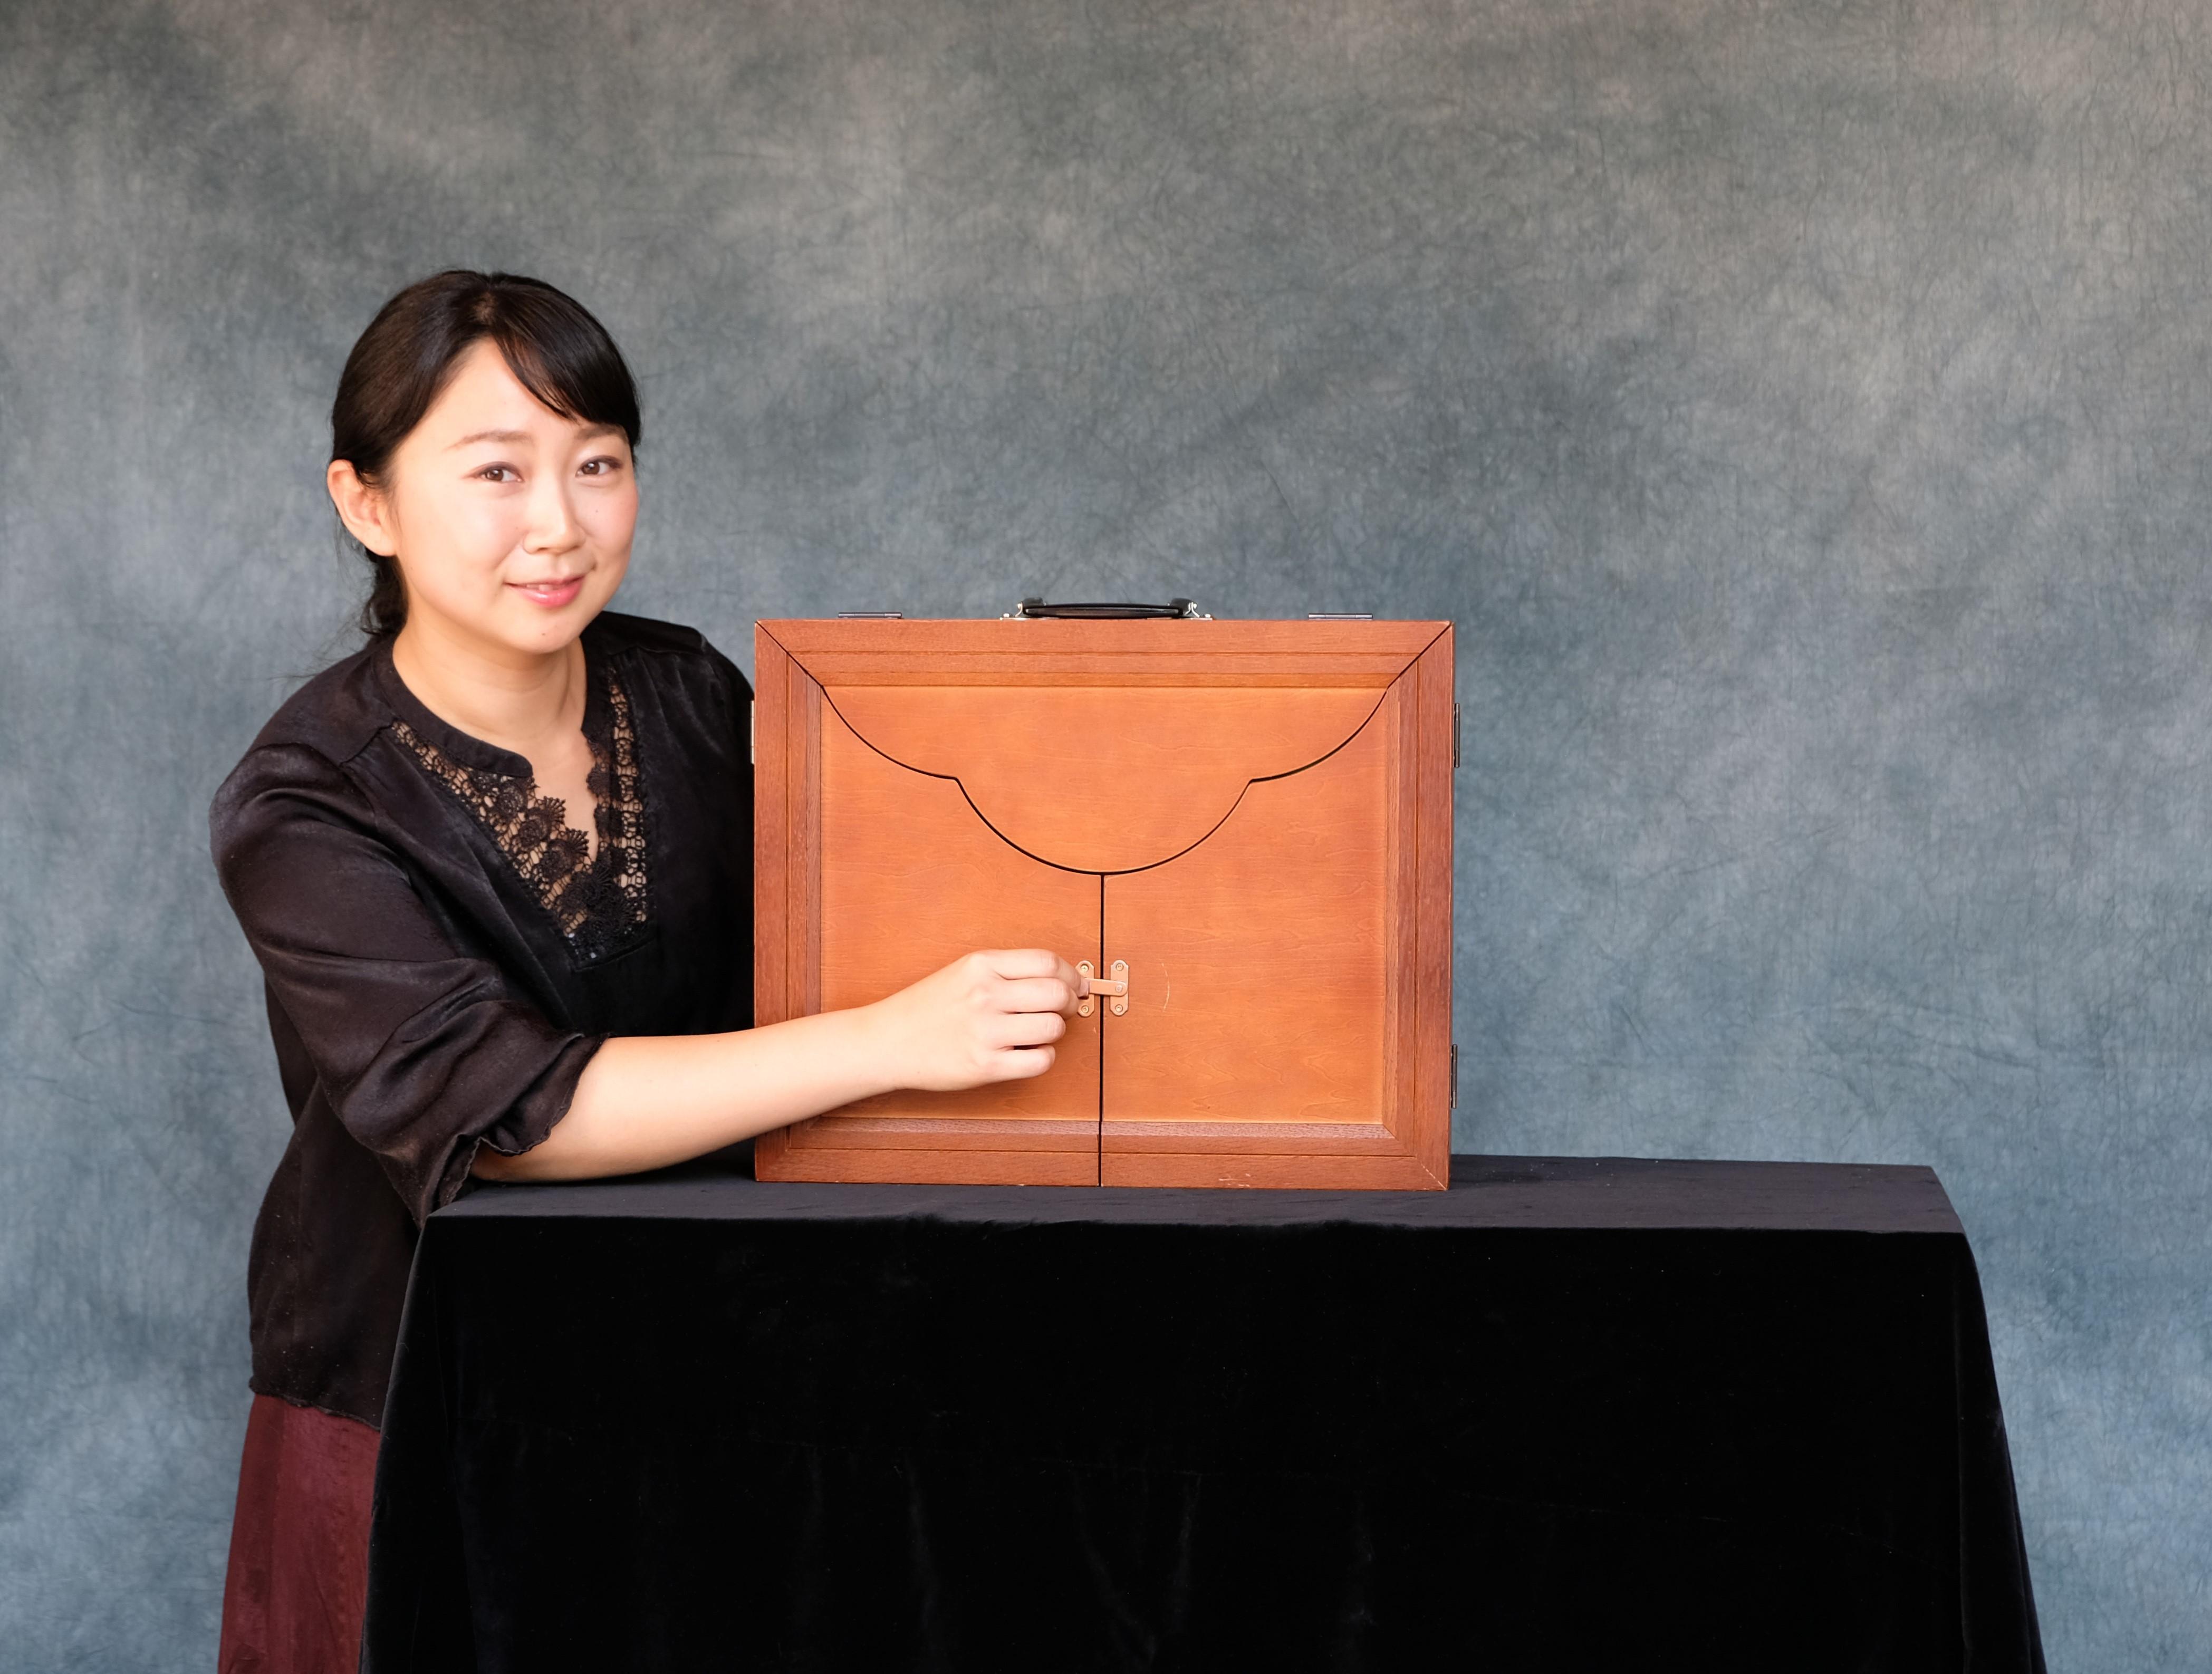 Conférence-débat : Le kamishibaï, une porte ouverte sur l'empathie (pour adultes)